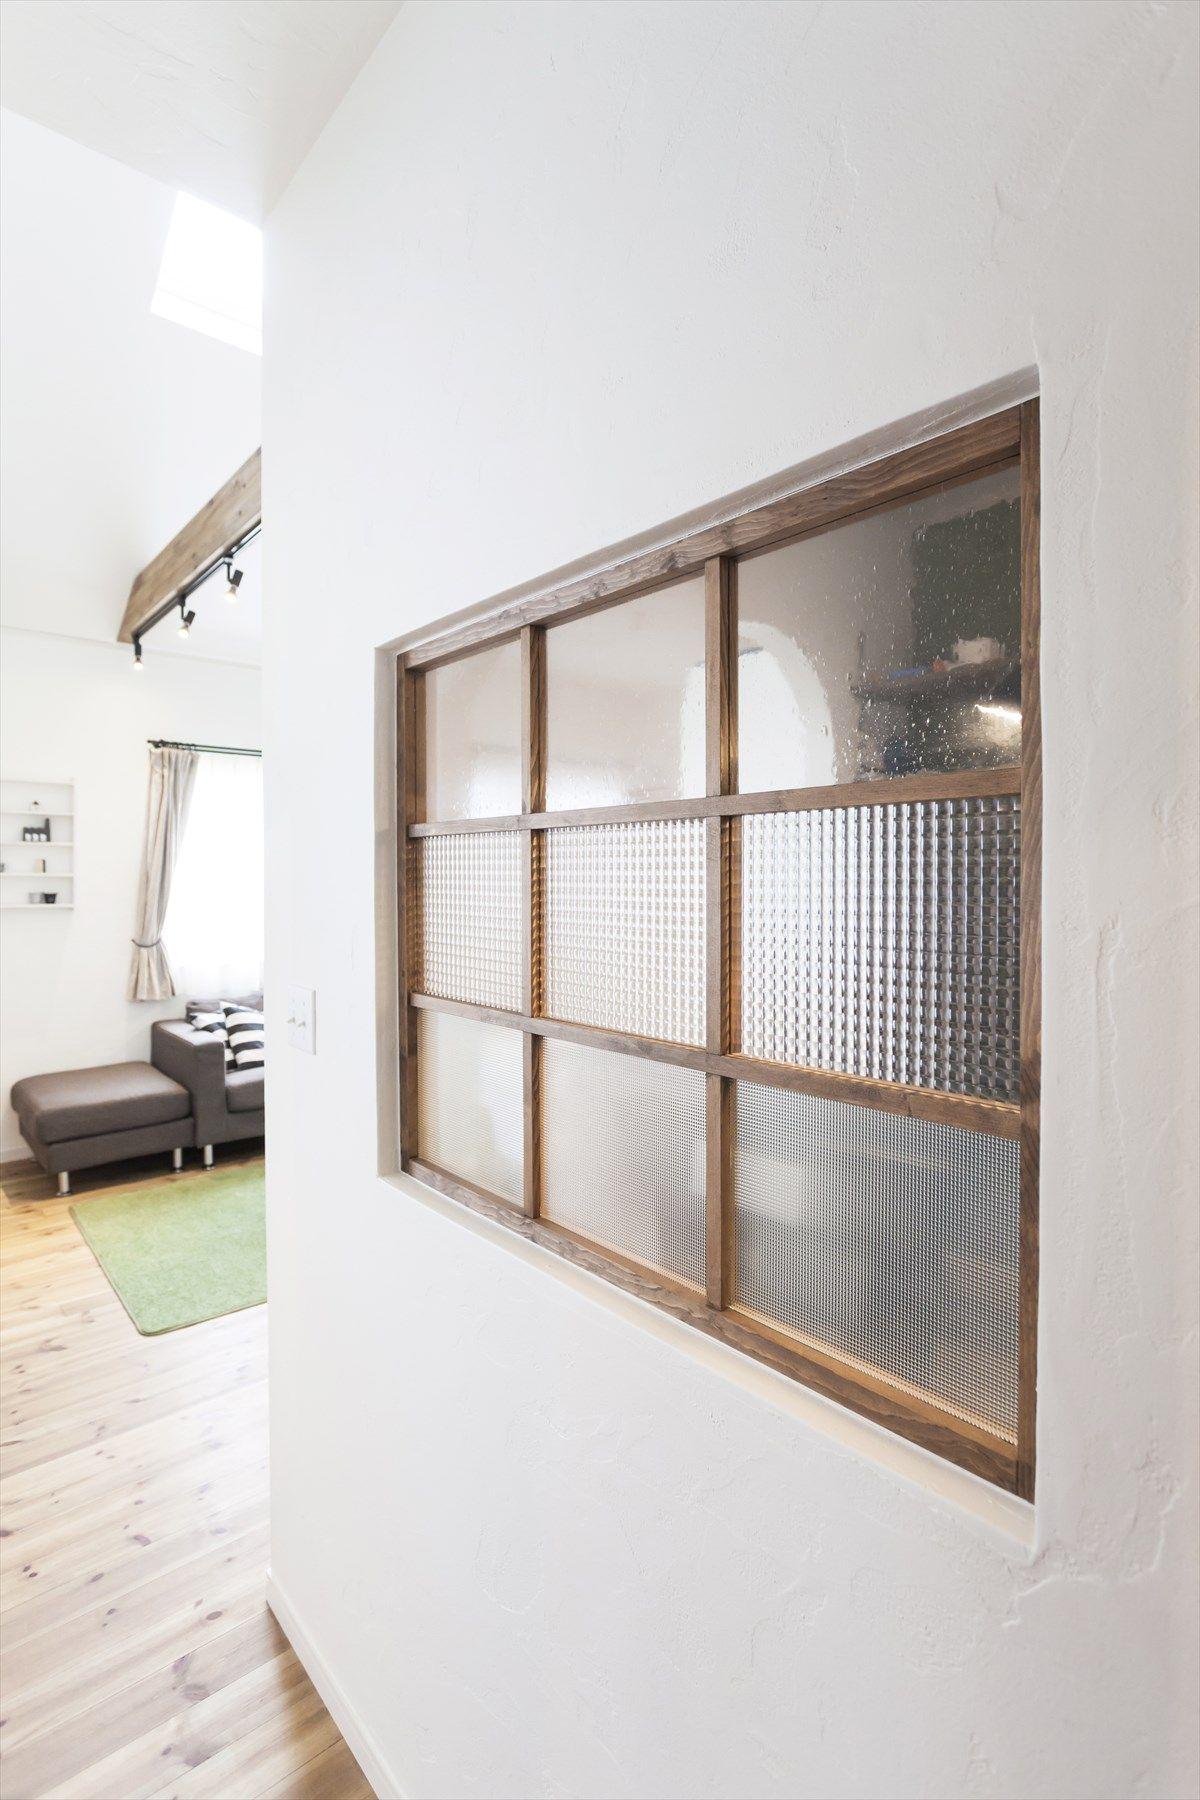 造作小窓 室内窓 飾り窓 ガラス 枠 インテリア ナチュラルインテリア